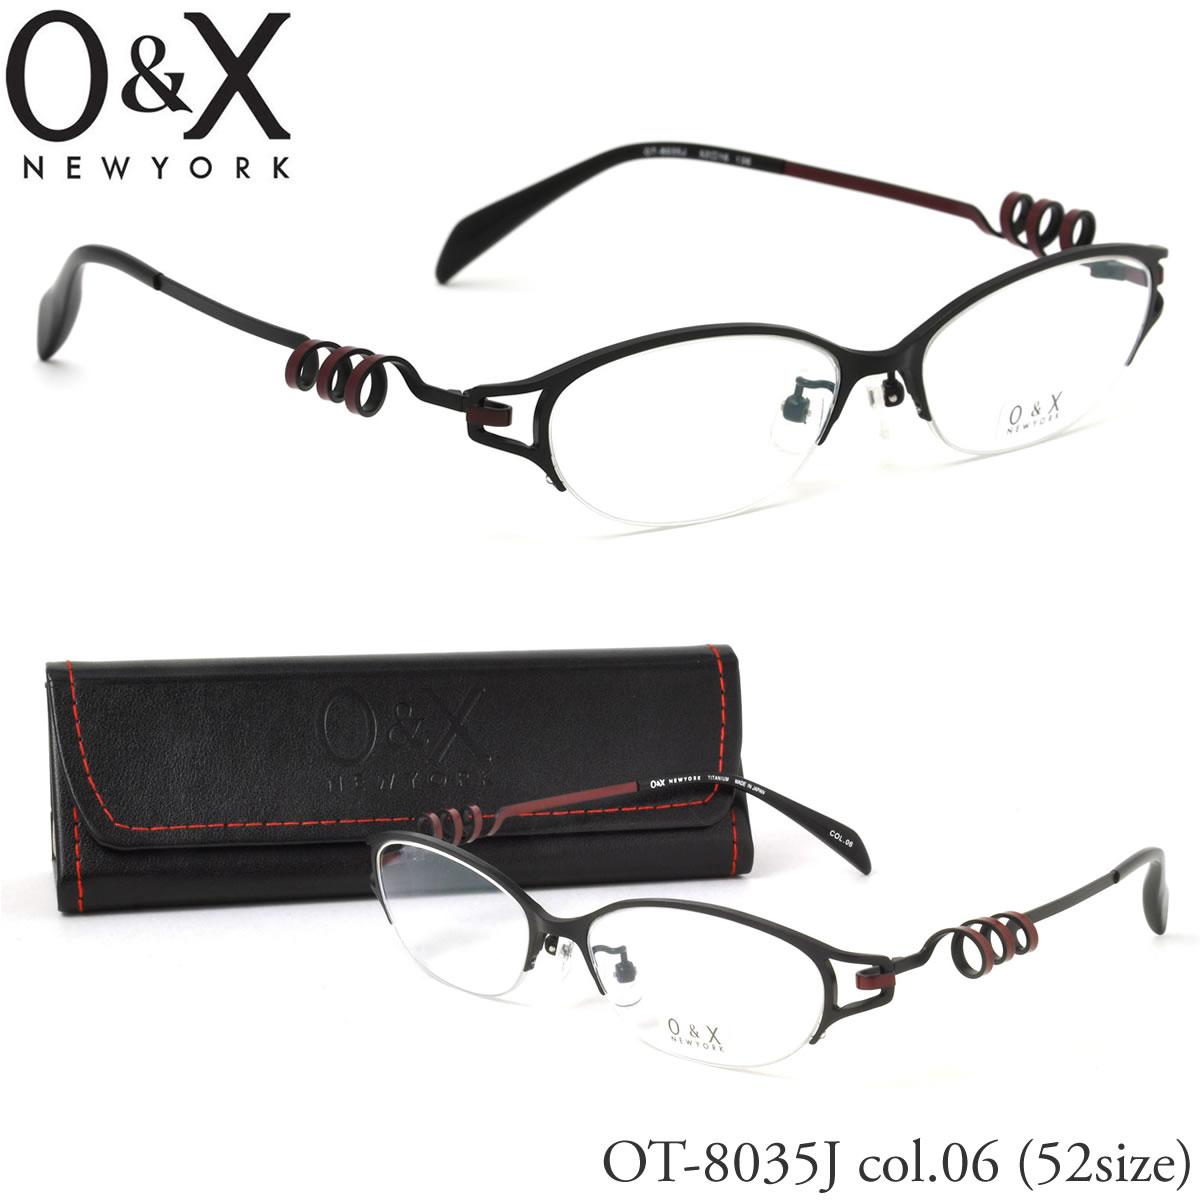 【10月30日からエントリーで全品ポイント20倍】【O&X】(オーアンドエックス) メガネ フレーム OT 8035J 06 52サイズ オーバル ナイロール βTITANIUM ベータチタン 日本製 シートメタル オーアンドエックス O&X メンズ レディース